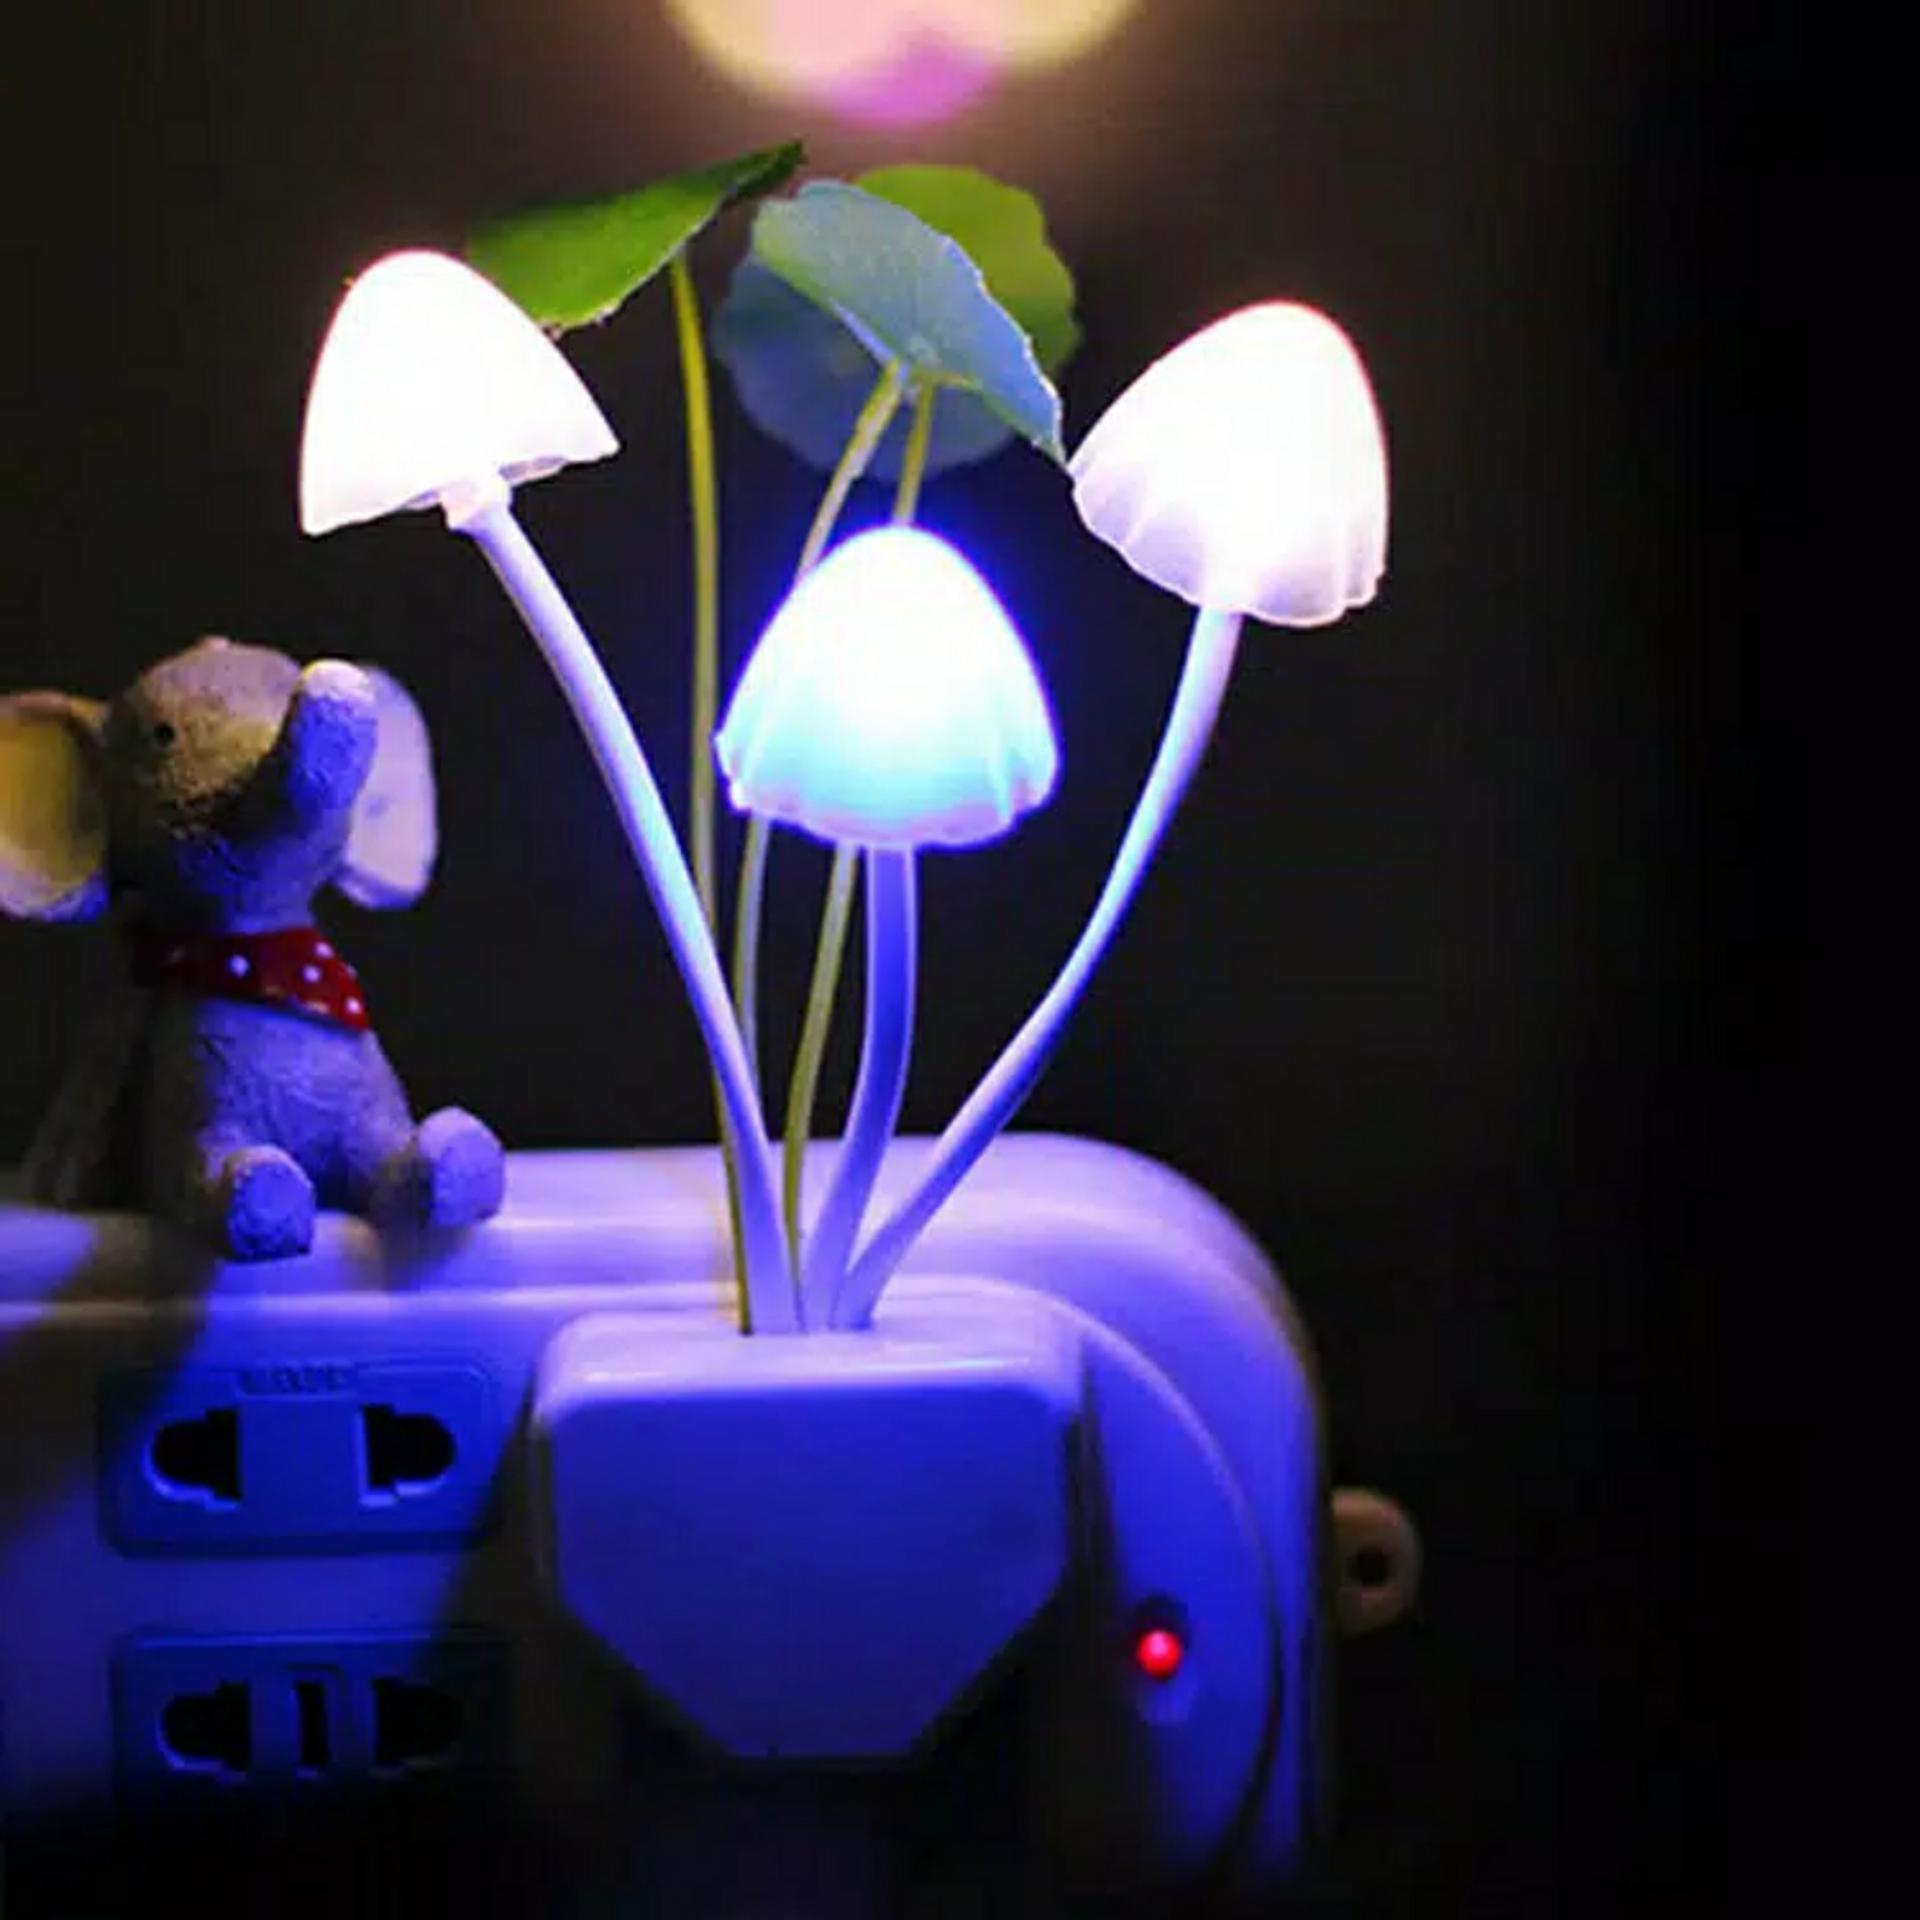 Lampu Tidur LED Jamur Avatar Unik Sensor Cahaya-Lampu Hias Kamar